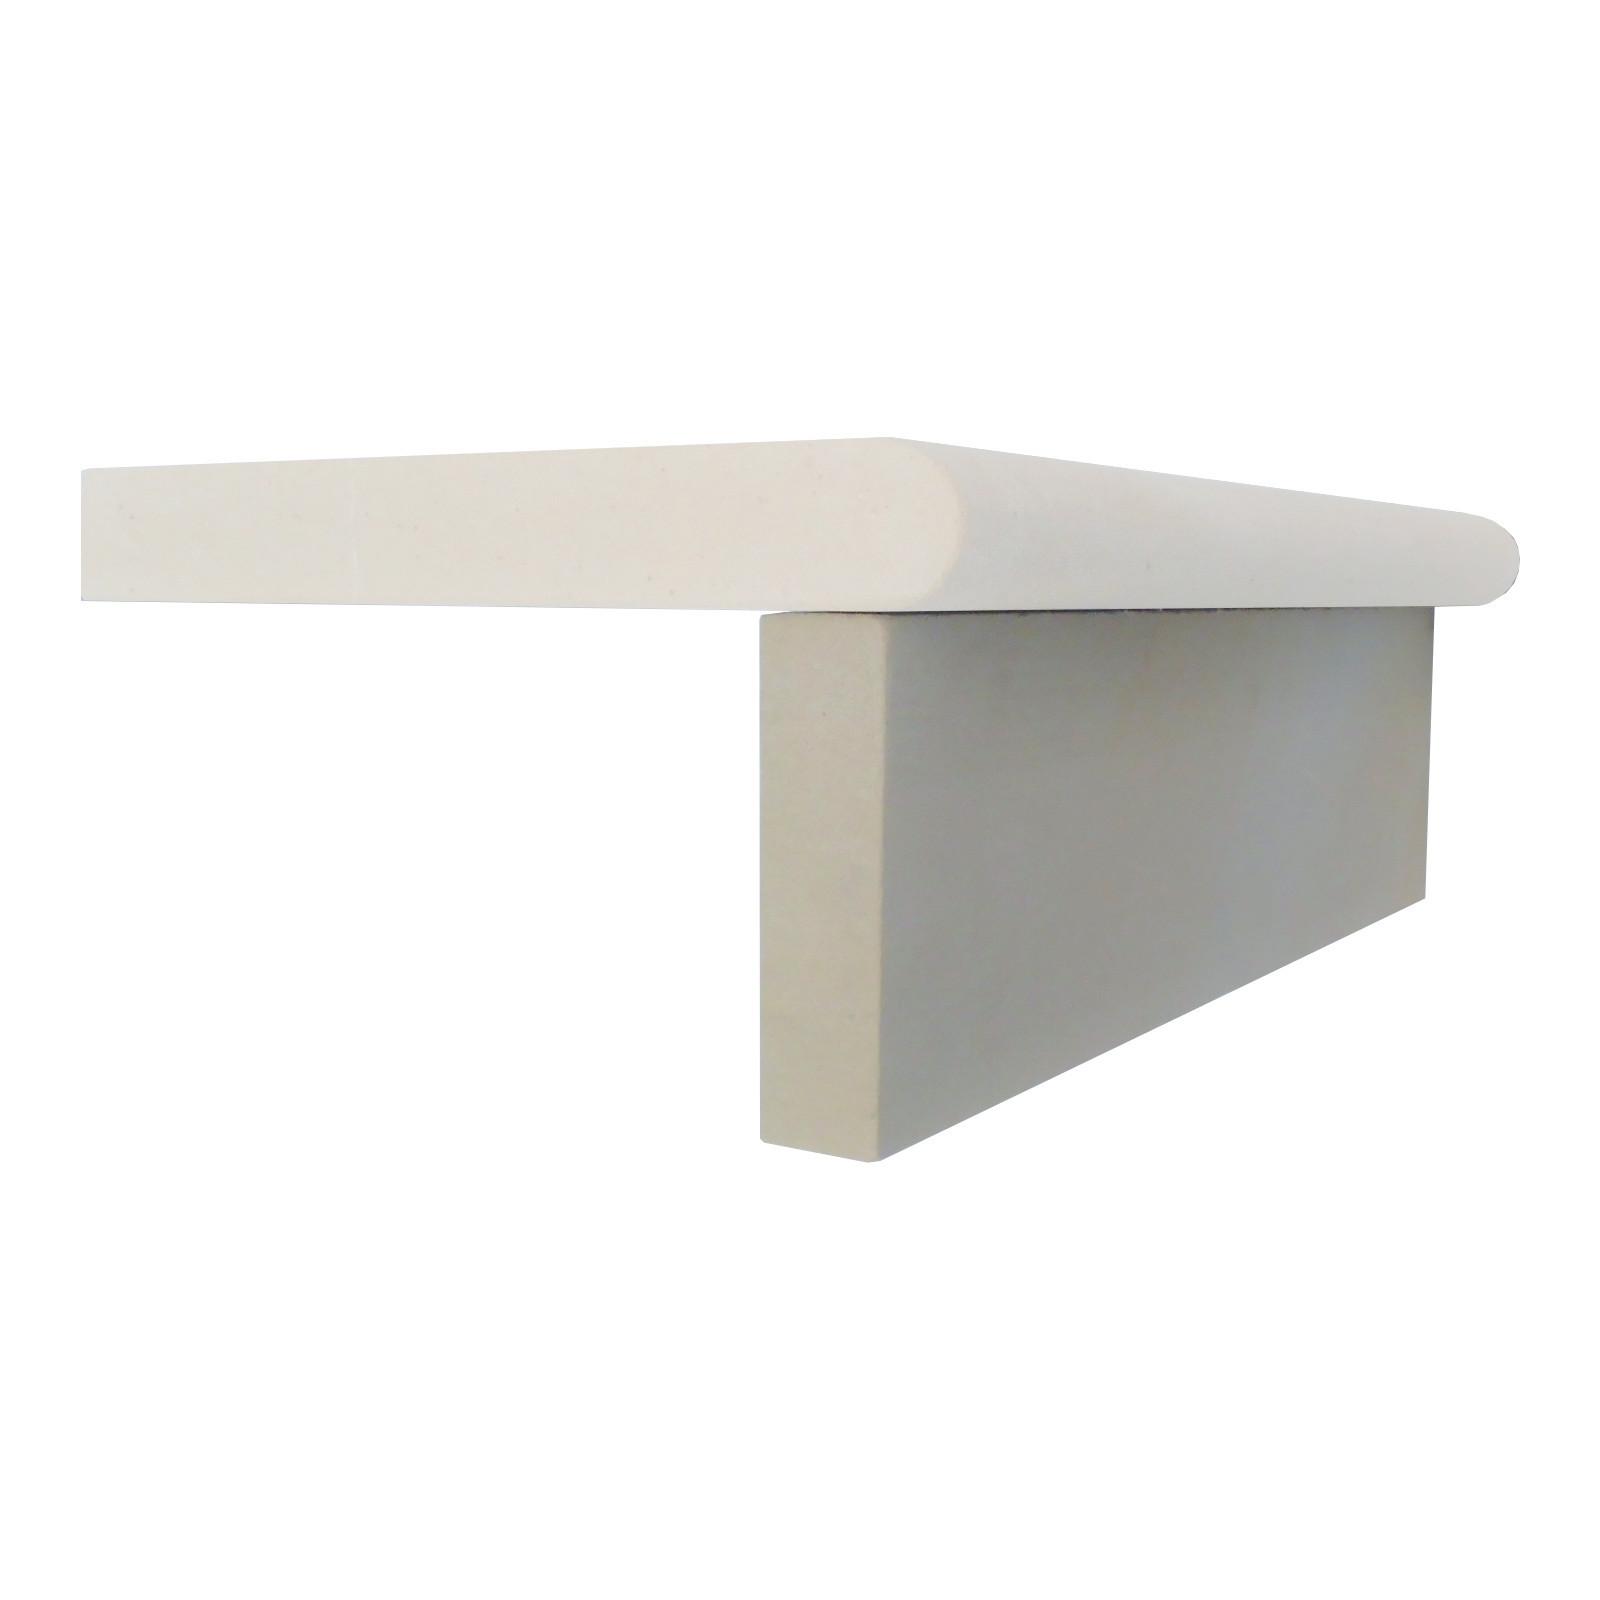 setzstufe 80x13x3 cm sandstein grau treppe treppen stufen innen und aussen. Black Bedroom Furniture Sets. Home Design Ideas